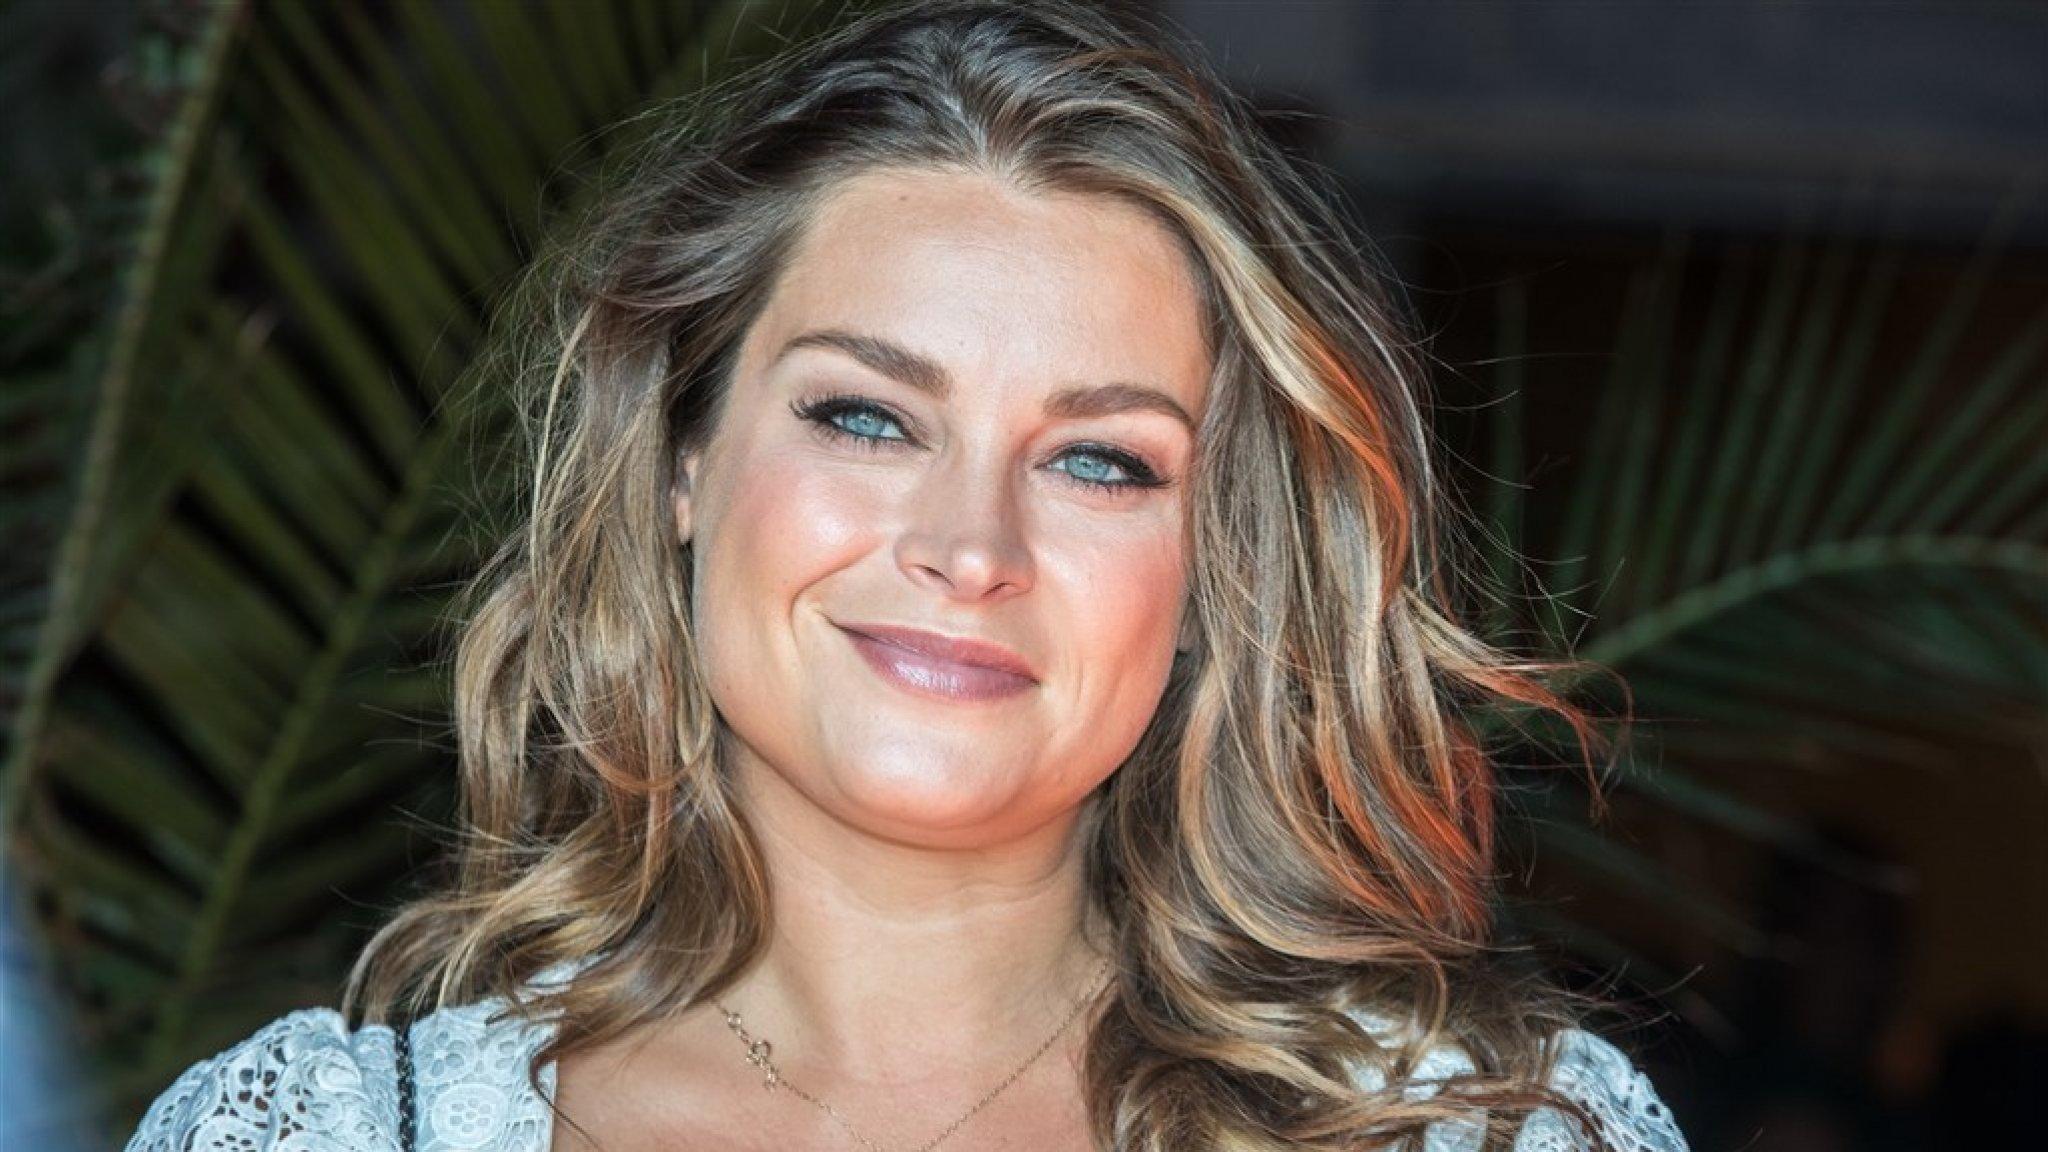 Miljuschka deelt ultieme schoonmaakfantasie: 'Nog beter dan seks' - RTL Boulevard